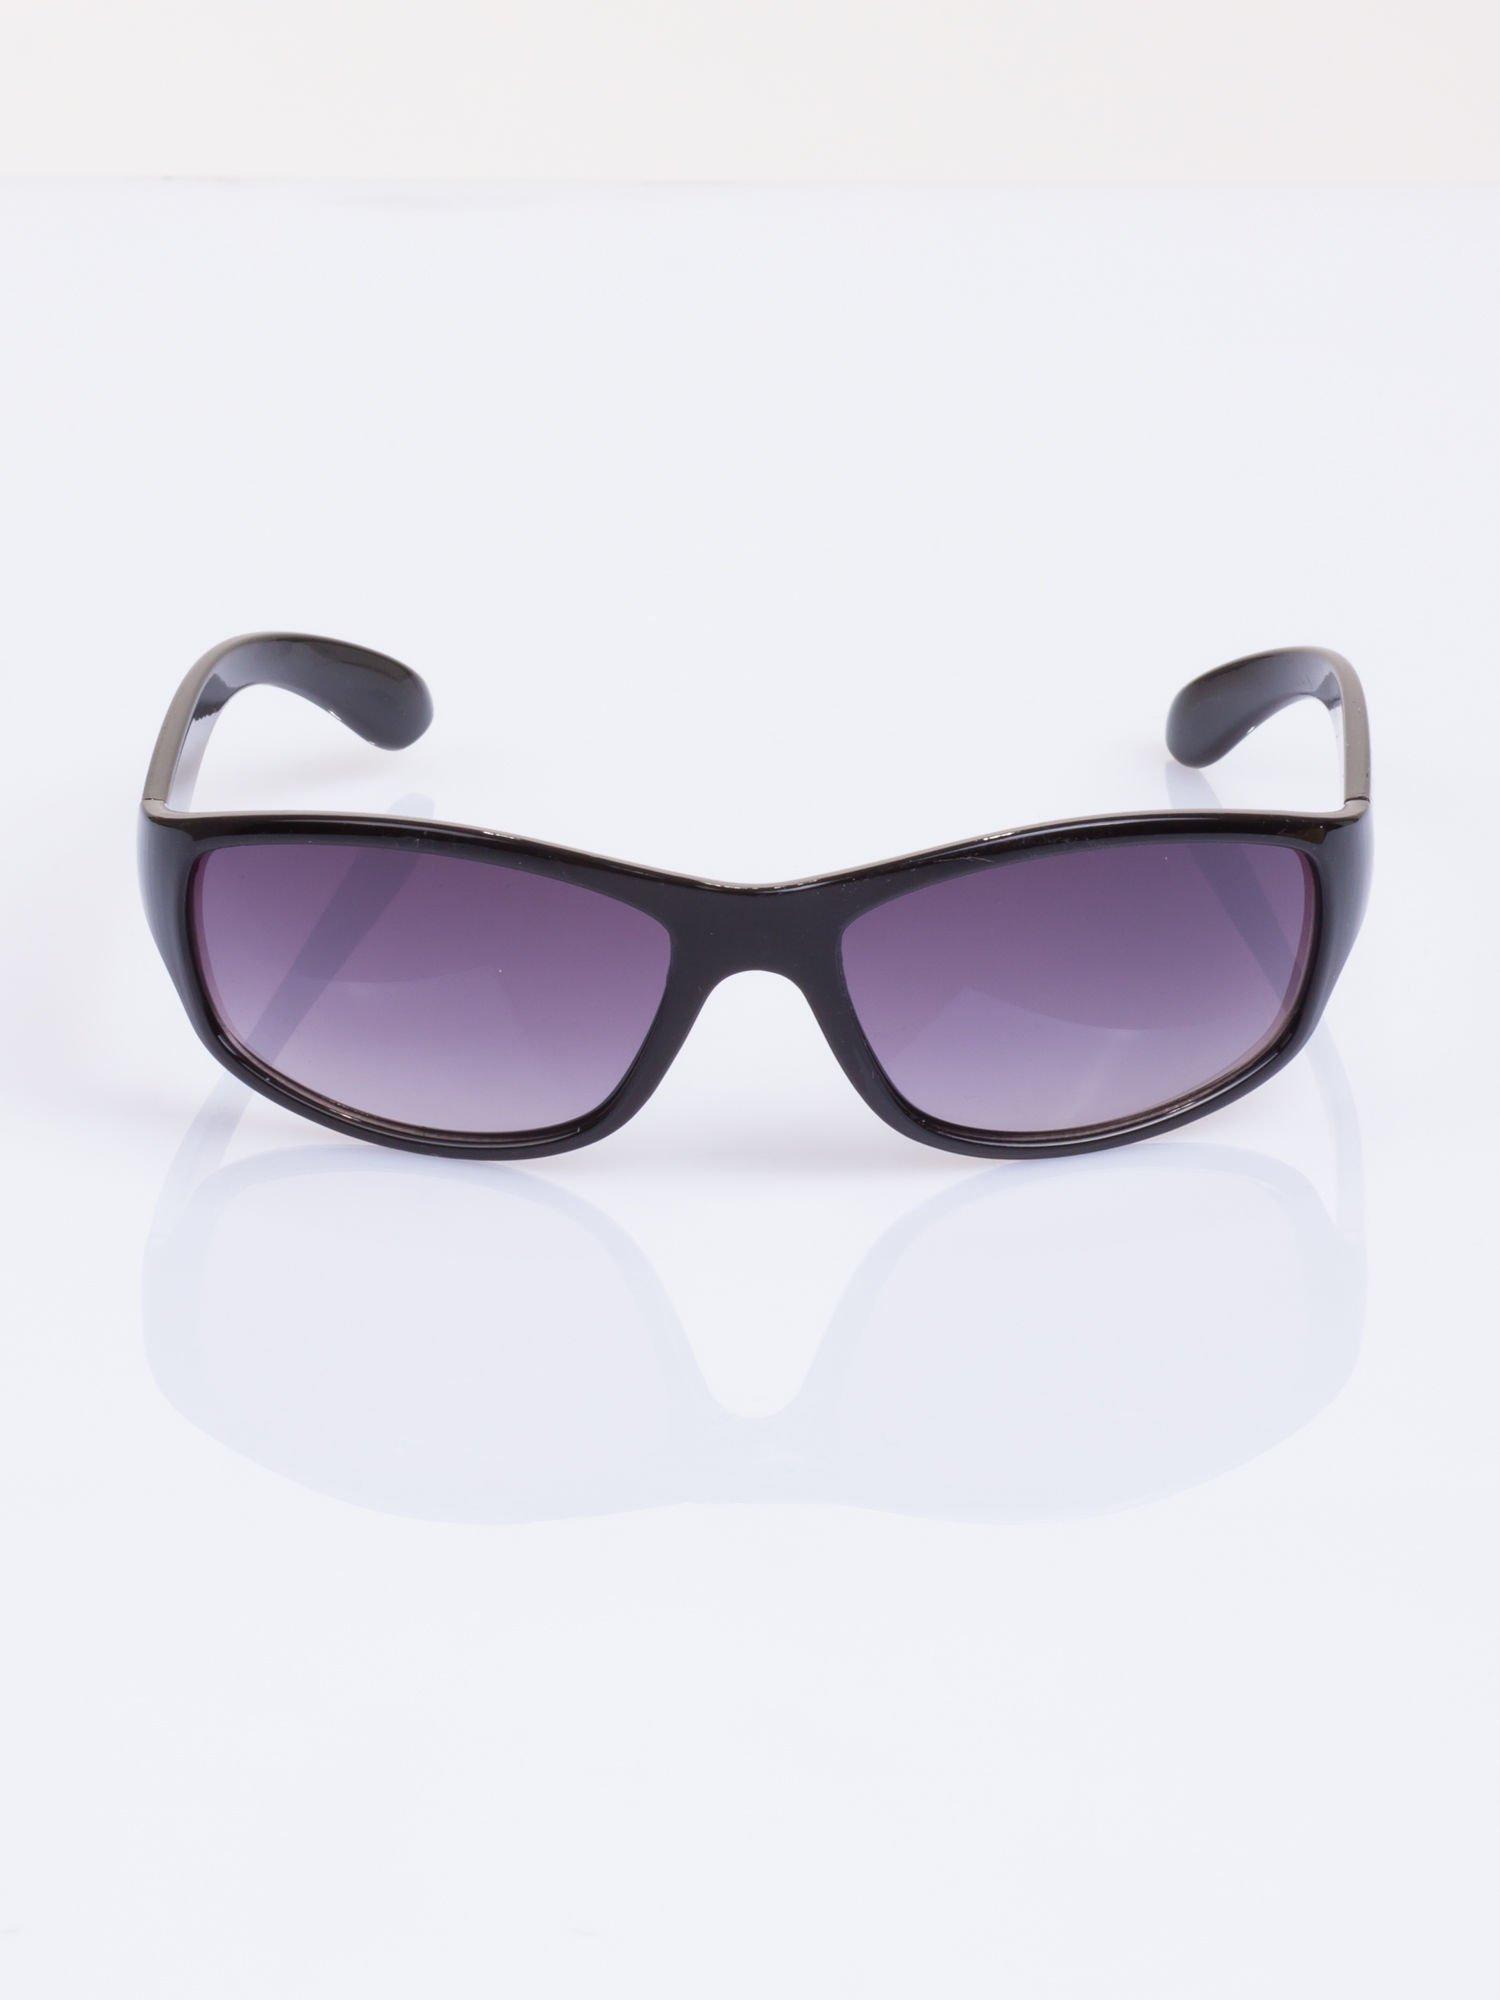 Okulary SPORT- DYNAMICZNY DESIGN dla kierowcy                                   zdj.                                  2